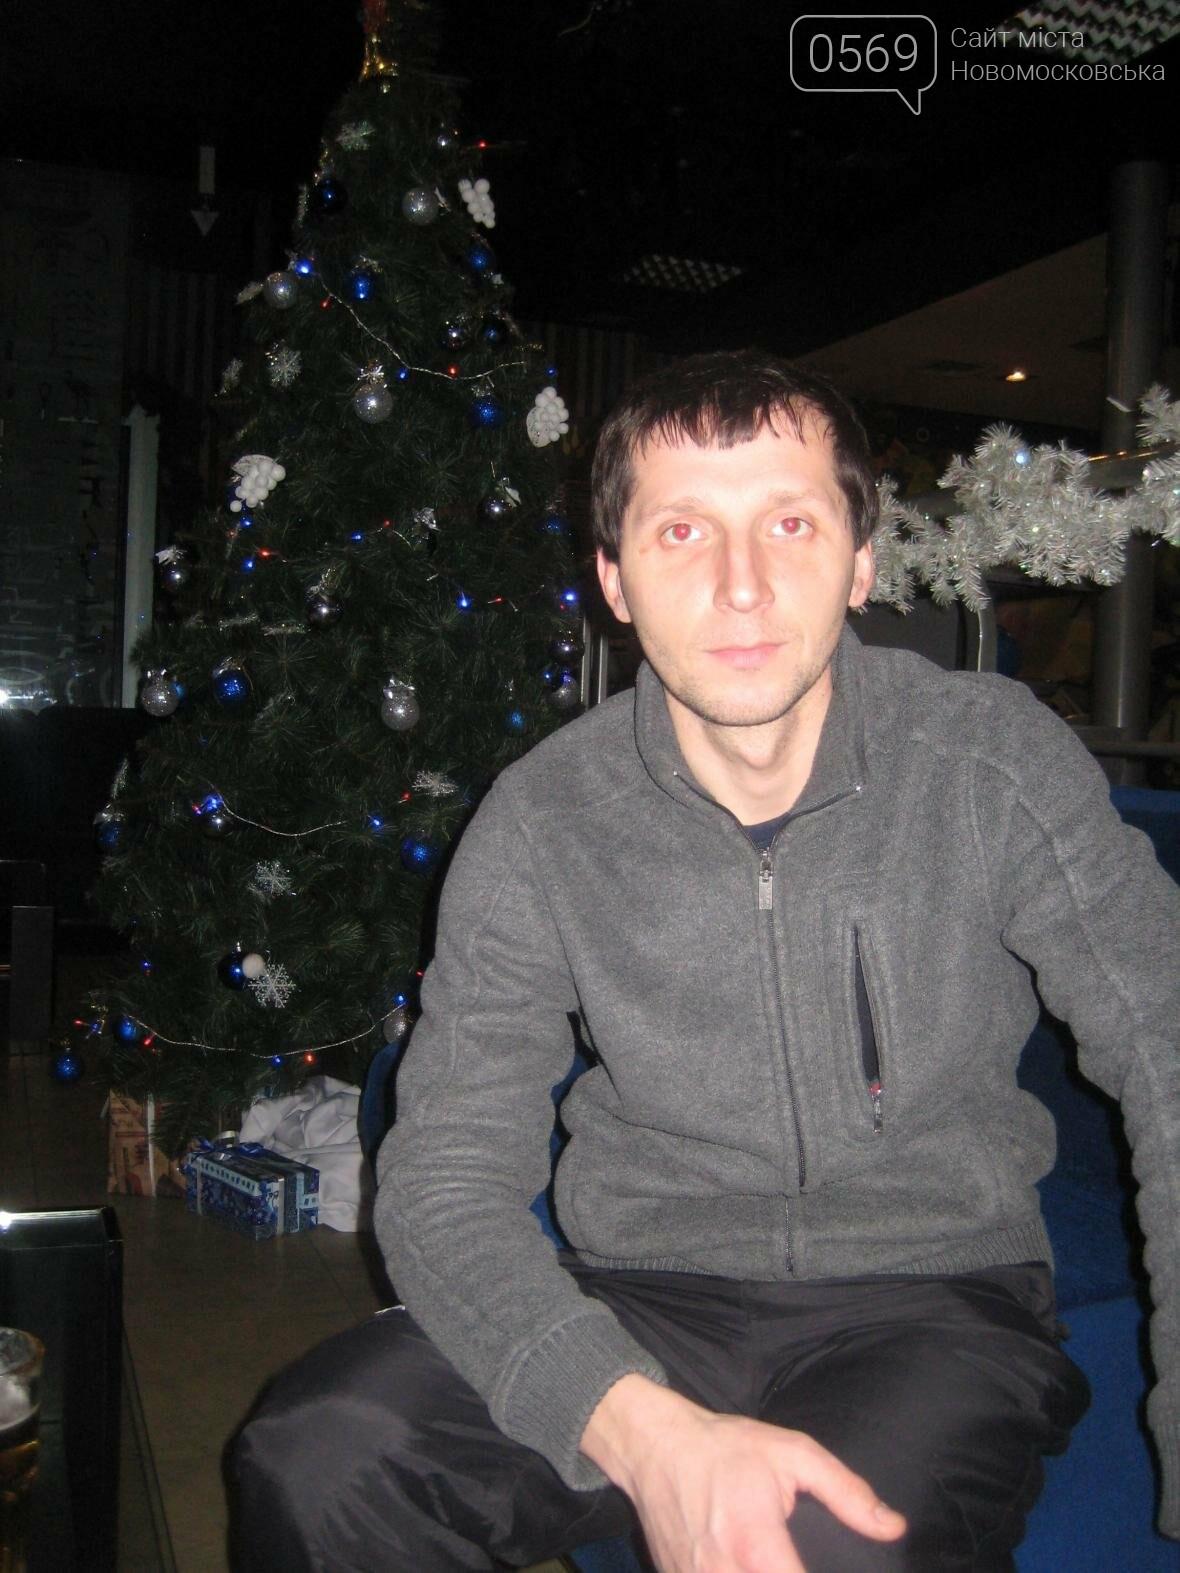 Новомосковск: заплатить за жизнь или заплатить жизнью, фото-1